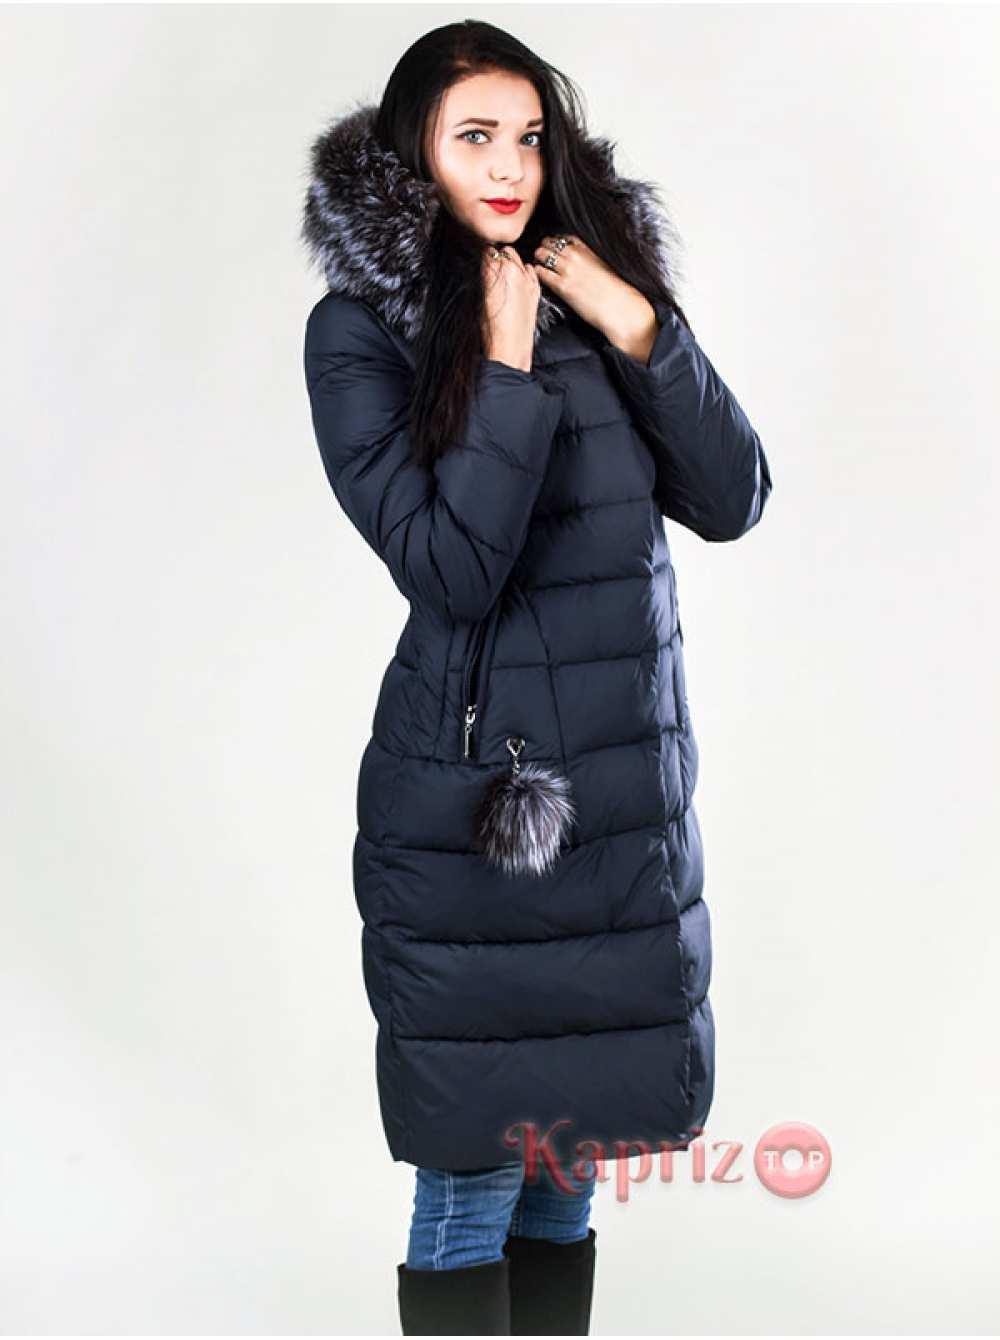 сравнить цену на пуховики женские с мехом в интернет магазине Украины 29efb7c9a2bf3